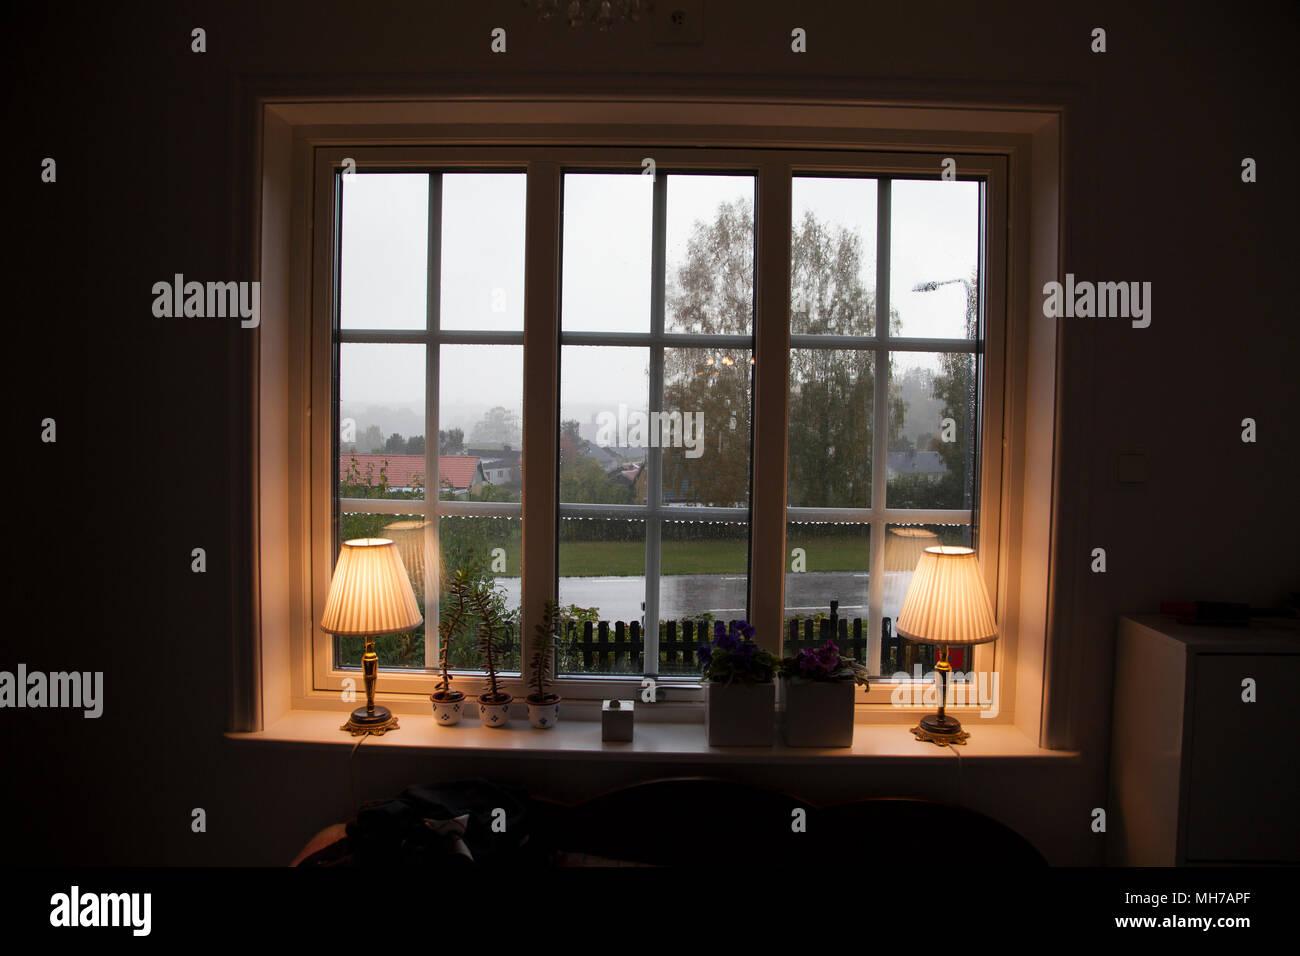 VIEW through windows a rainy day 2017 - Stock Image